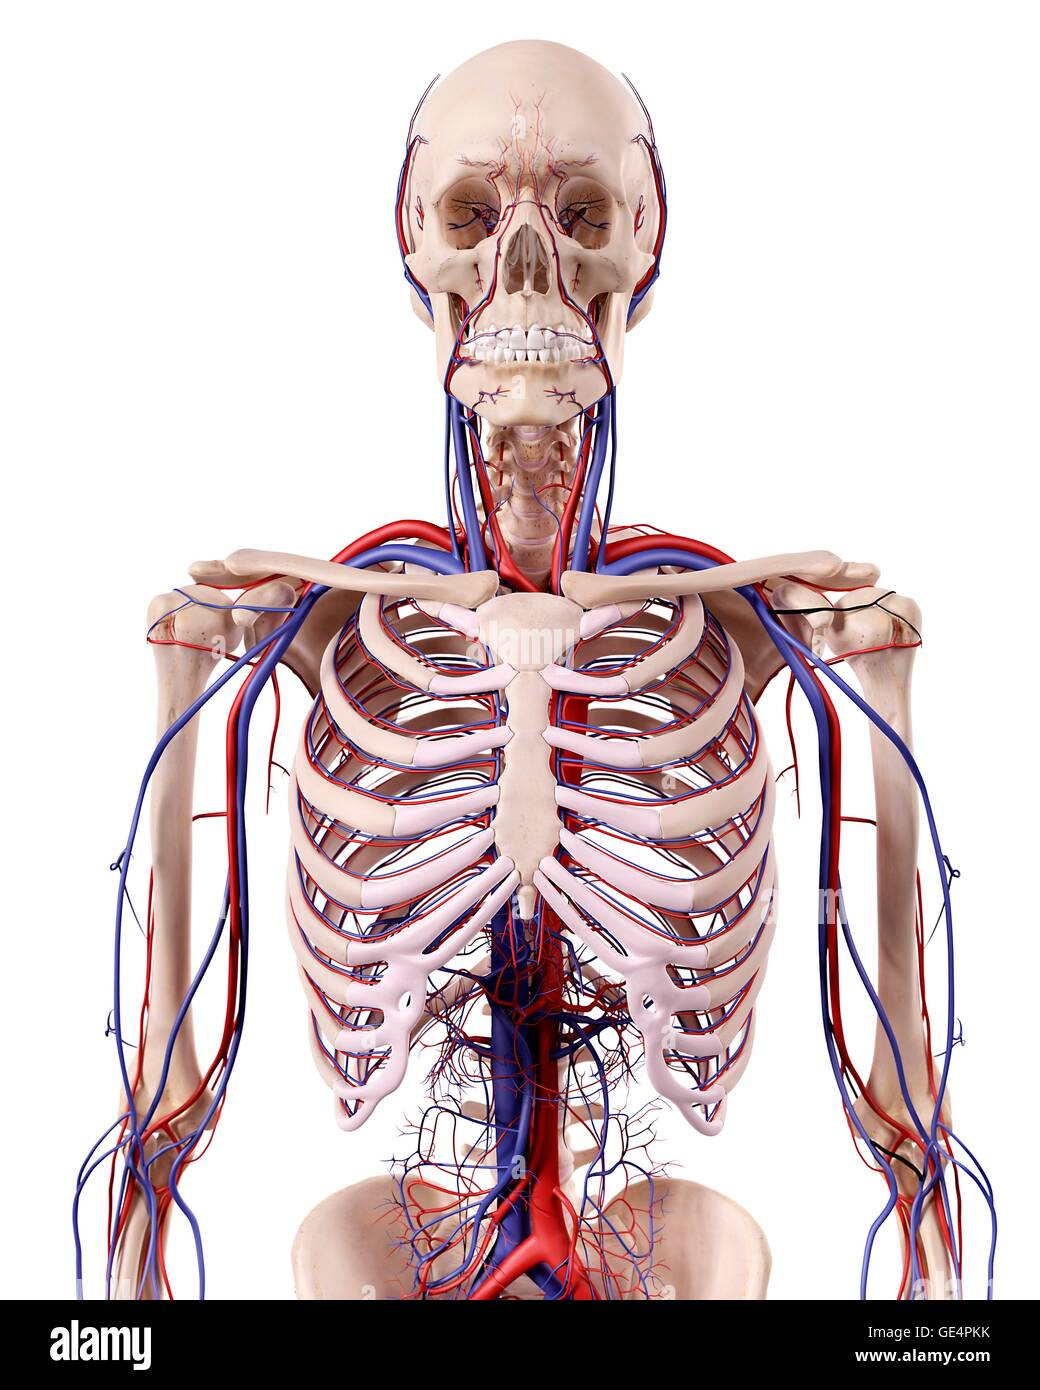 Berühmt Interaktive 3d Anatomie Des Menschen Fotos - Menschliche ...